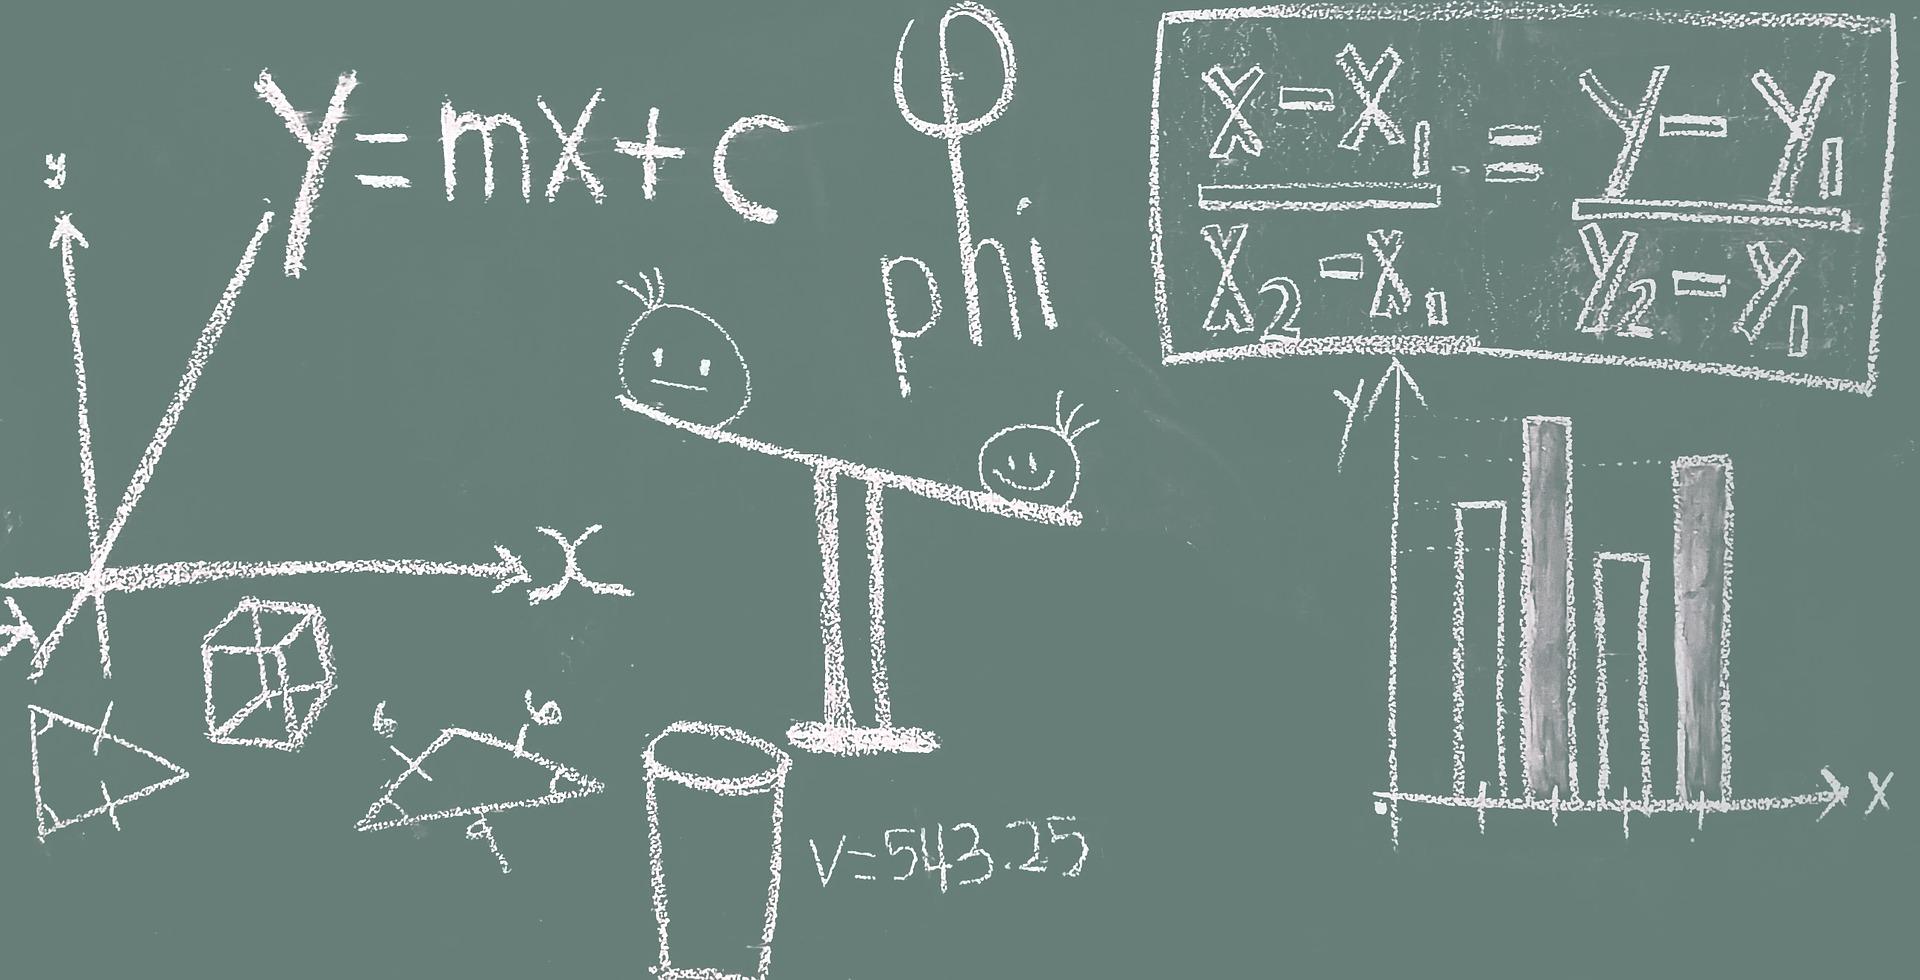 Sprachbewusster Unterricht - BIMM Themenplattform